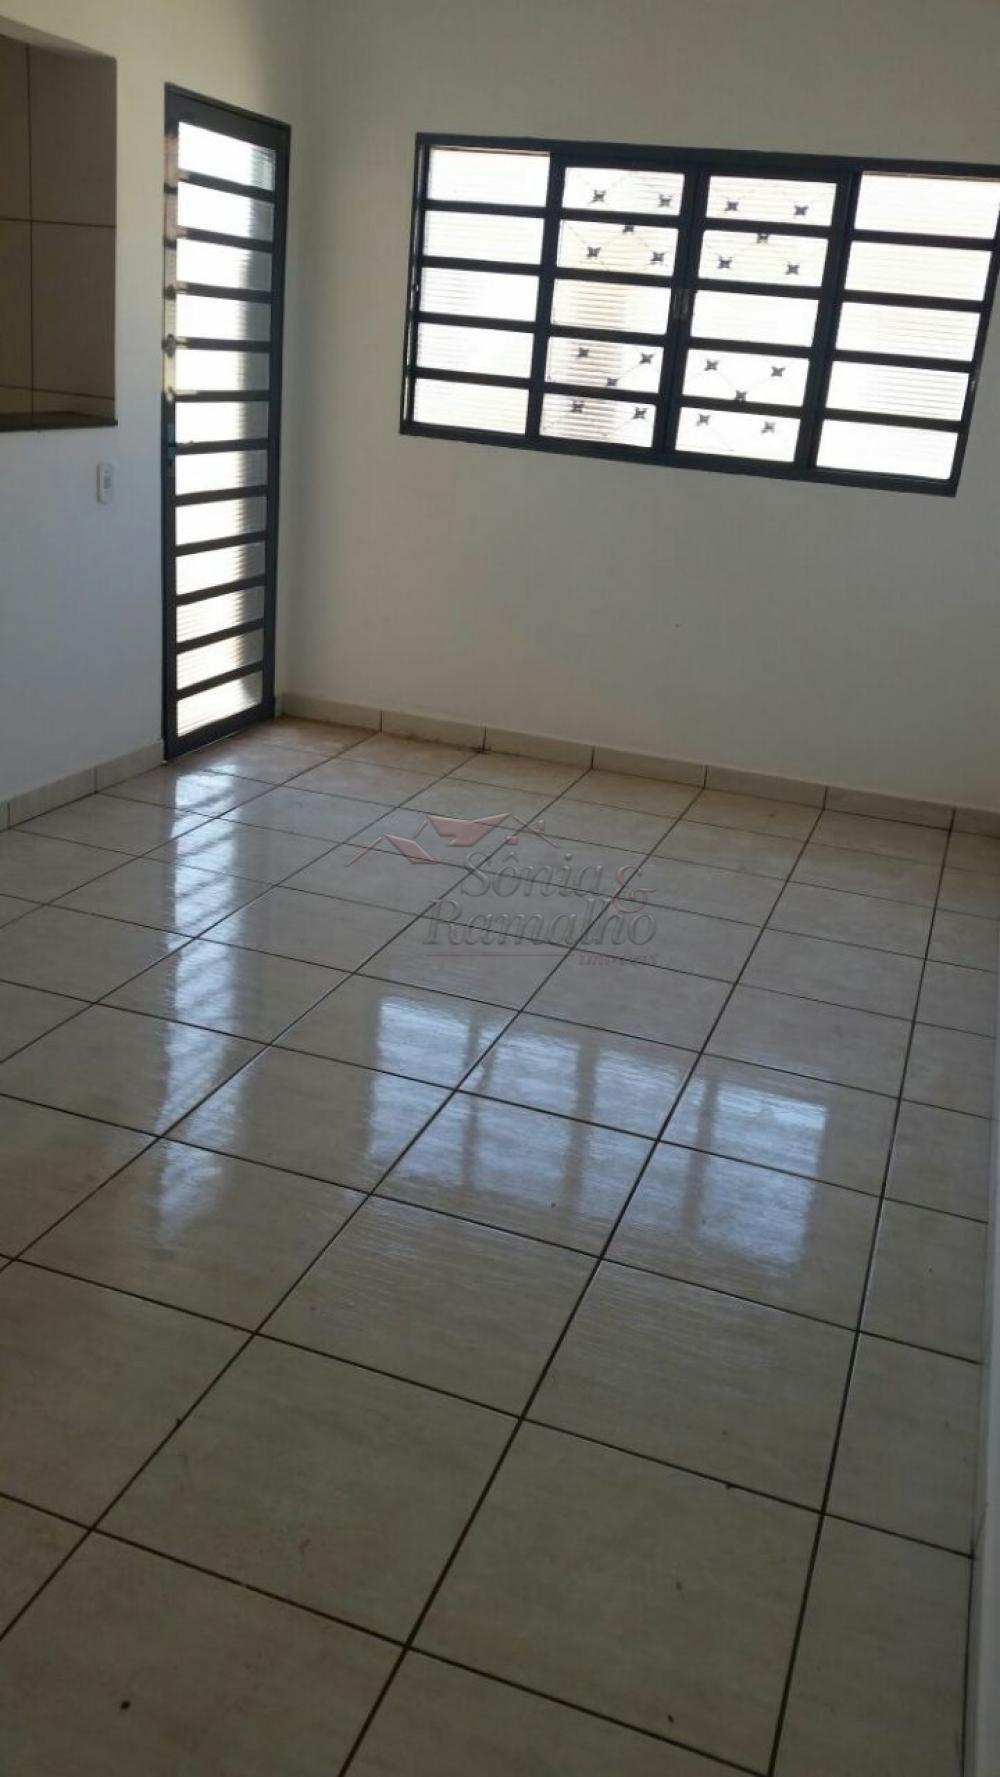 Alugar Casas / Condomínio em Ribeirão Preto apenas R$ 850,00 - Foto 10